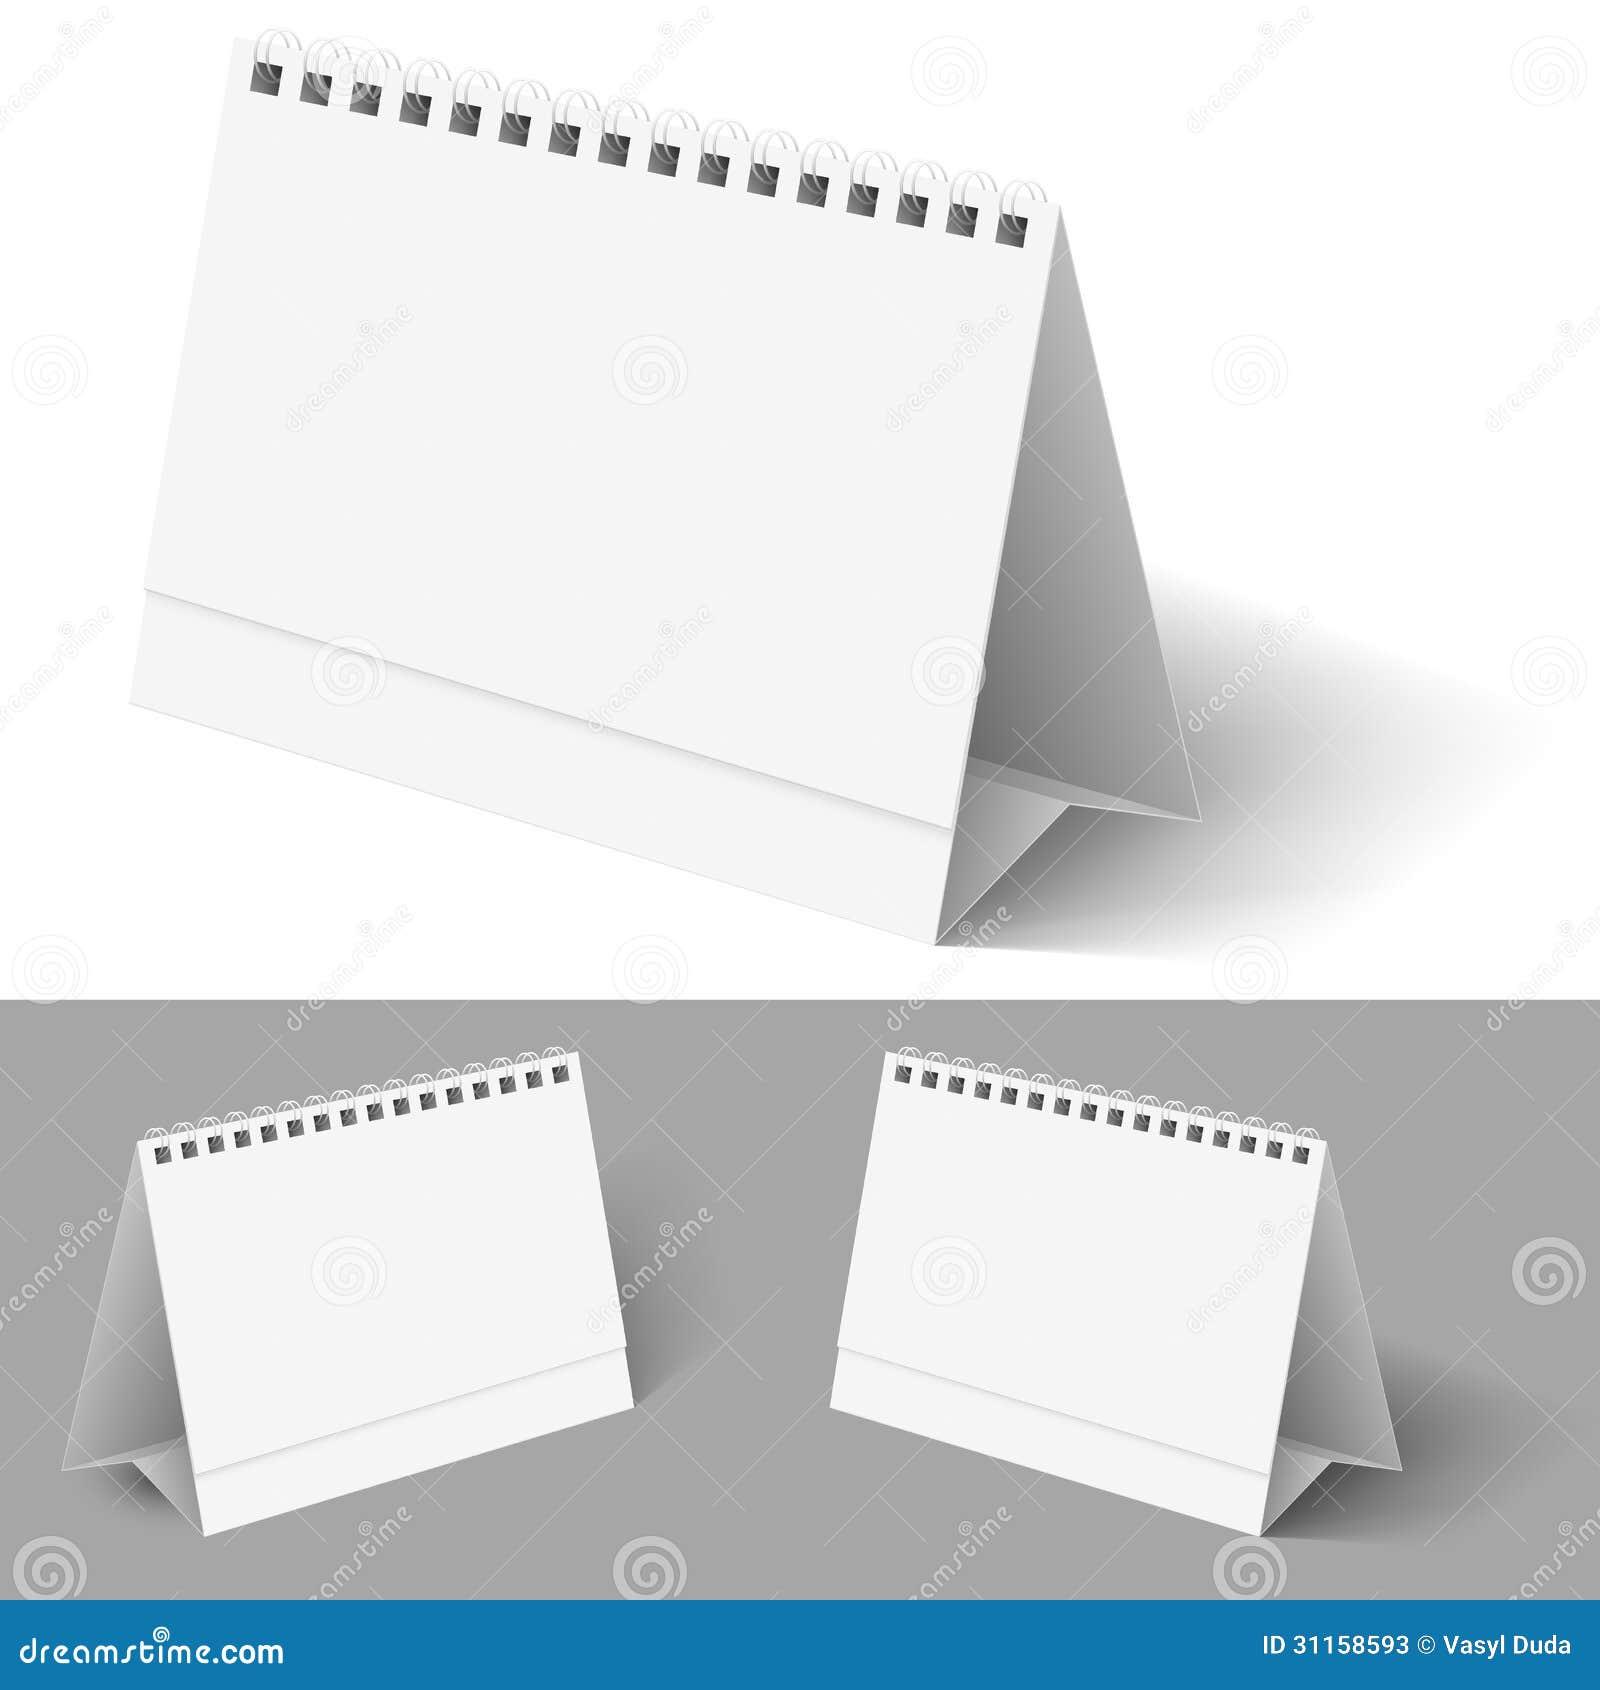 Desk calendar. Illustration on white for design.